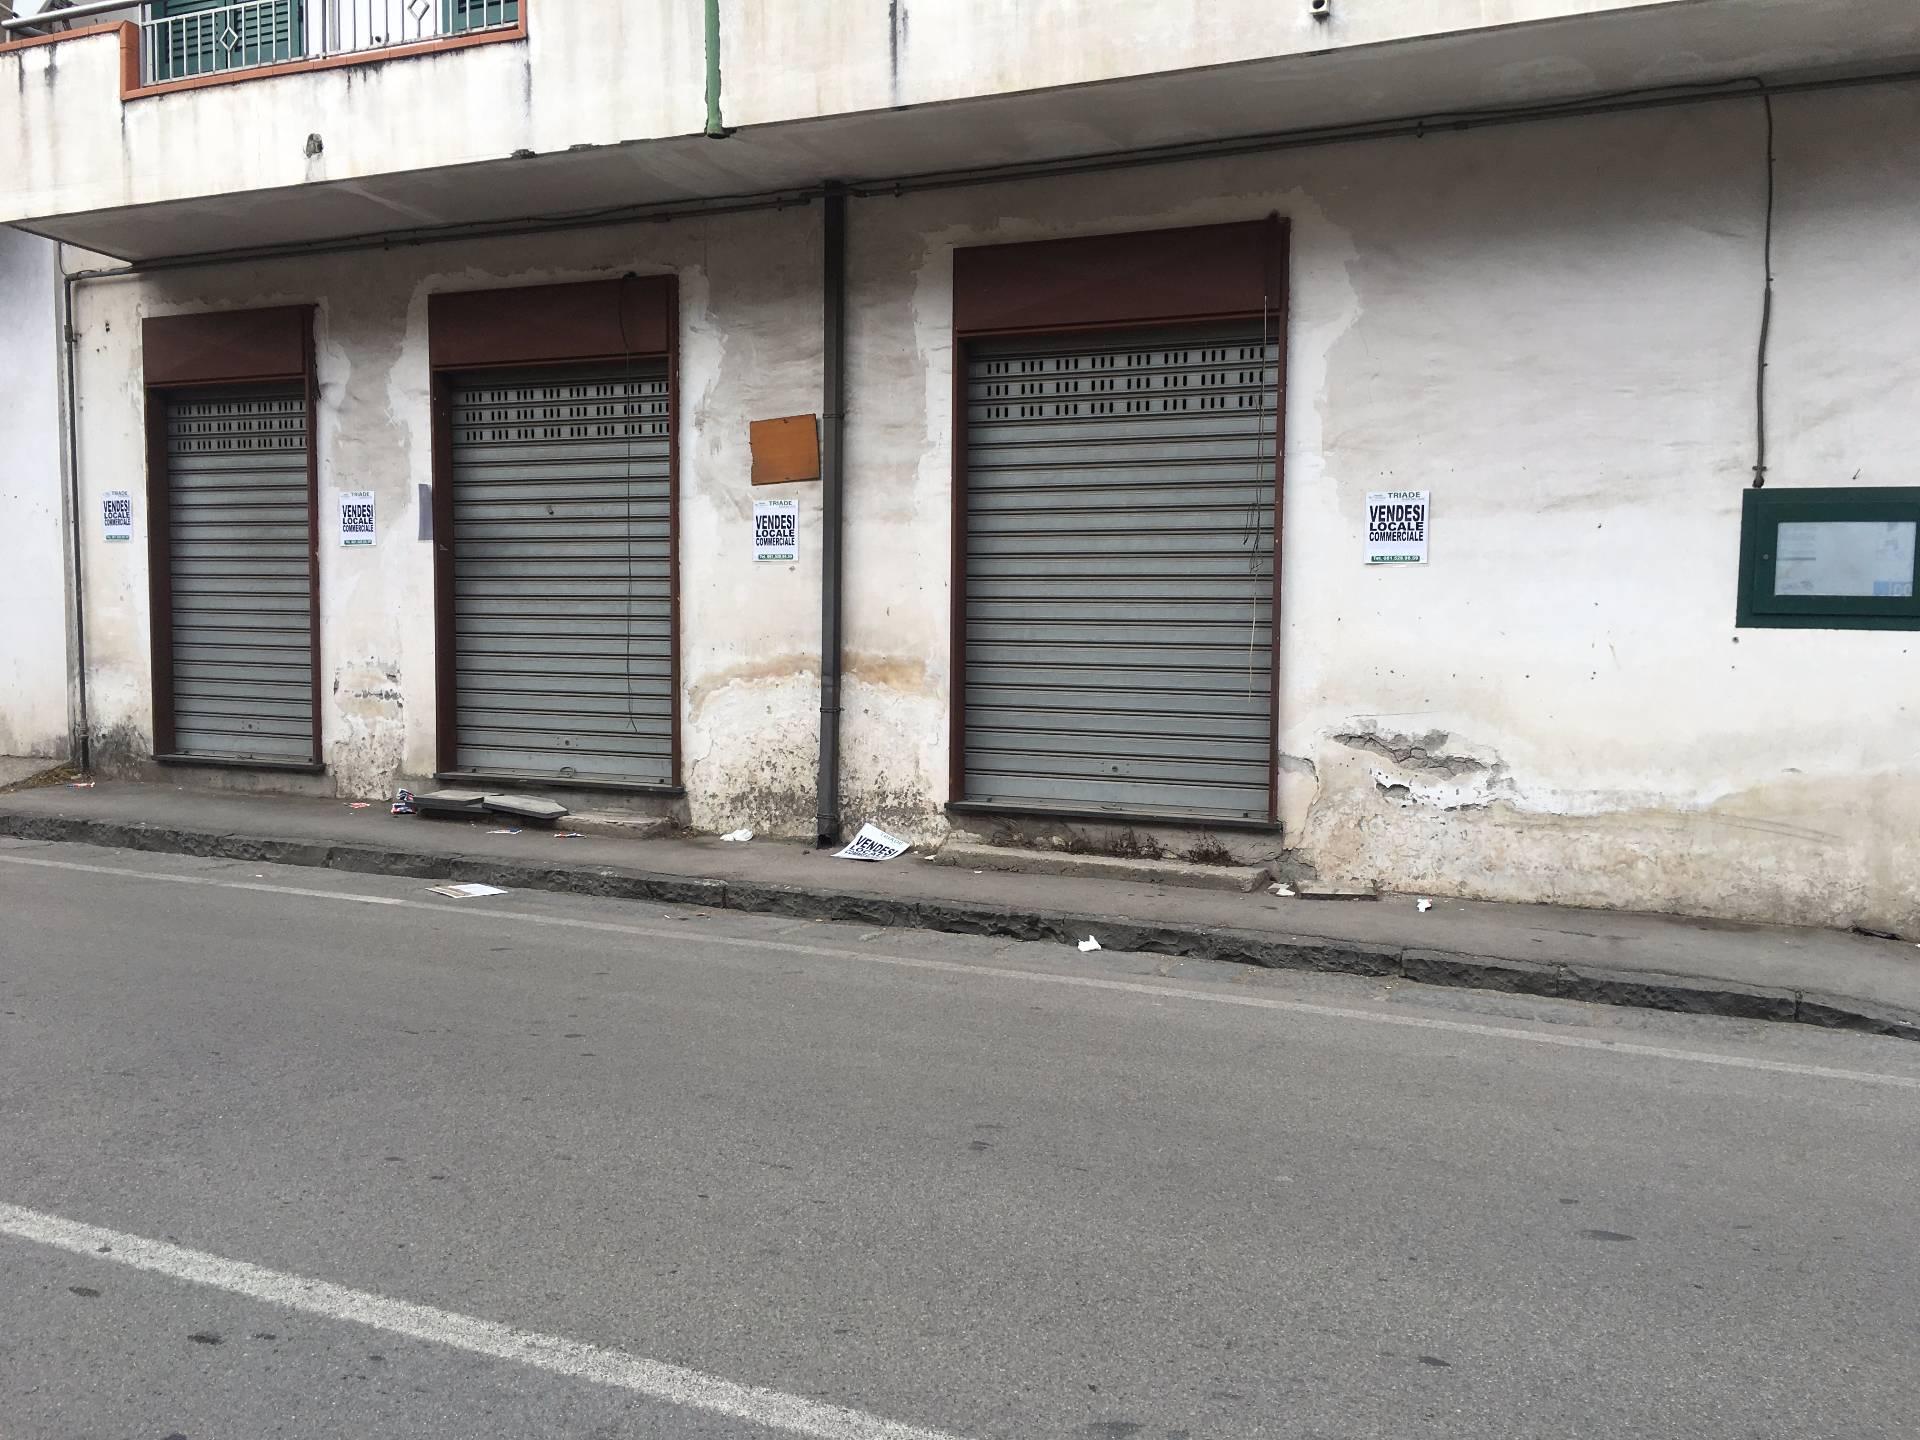 Negozio / Locale in vendita a San Gennaro Vesuviano, 9999 locali, prezzo € 185.000 | Cambio Casa.it